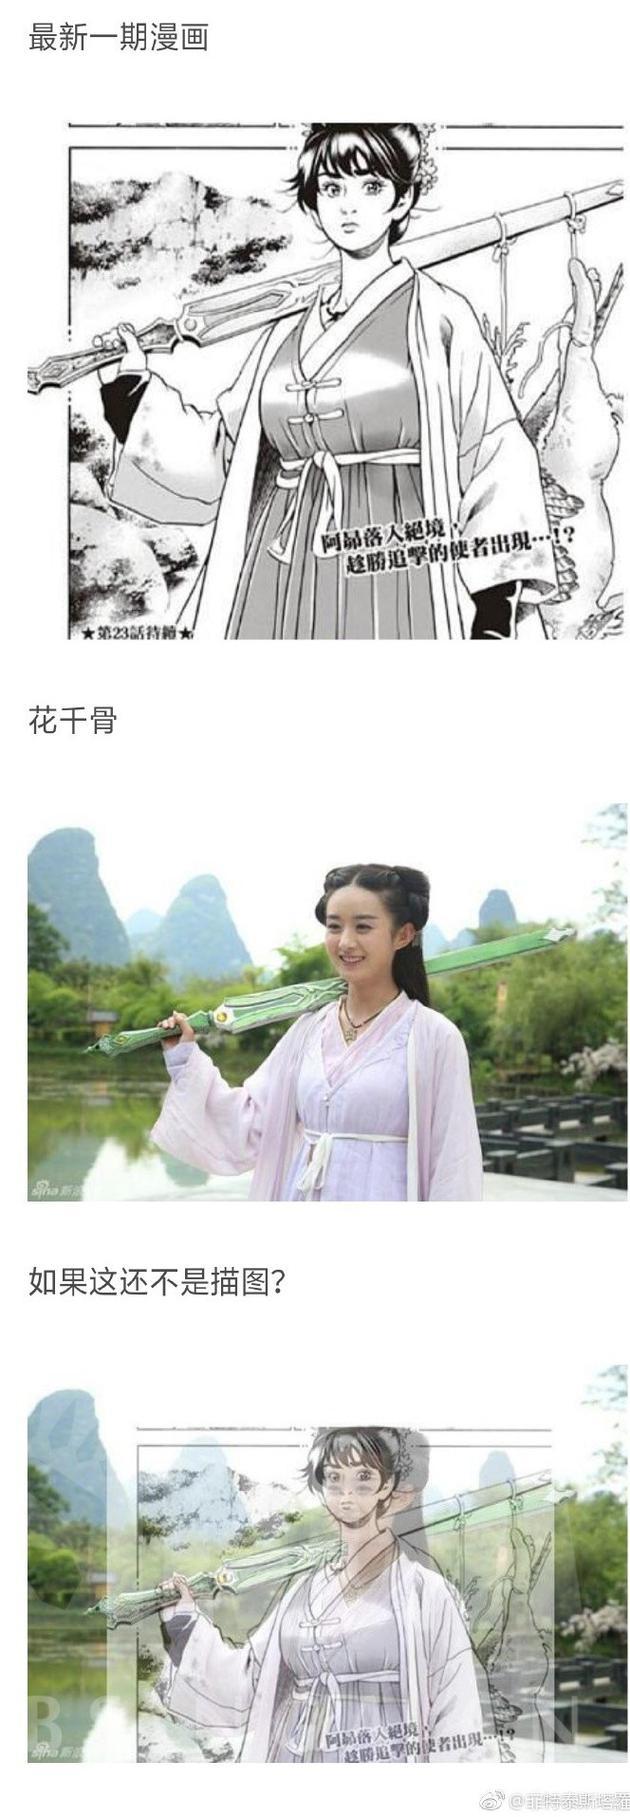 《中华小当家》被指抄袭《花千骨》